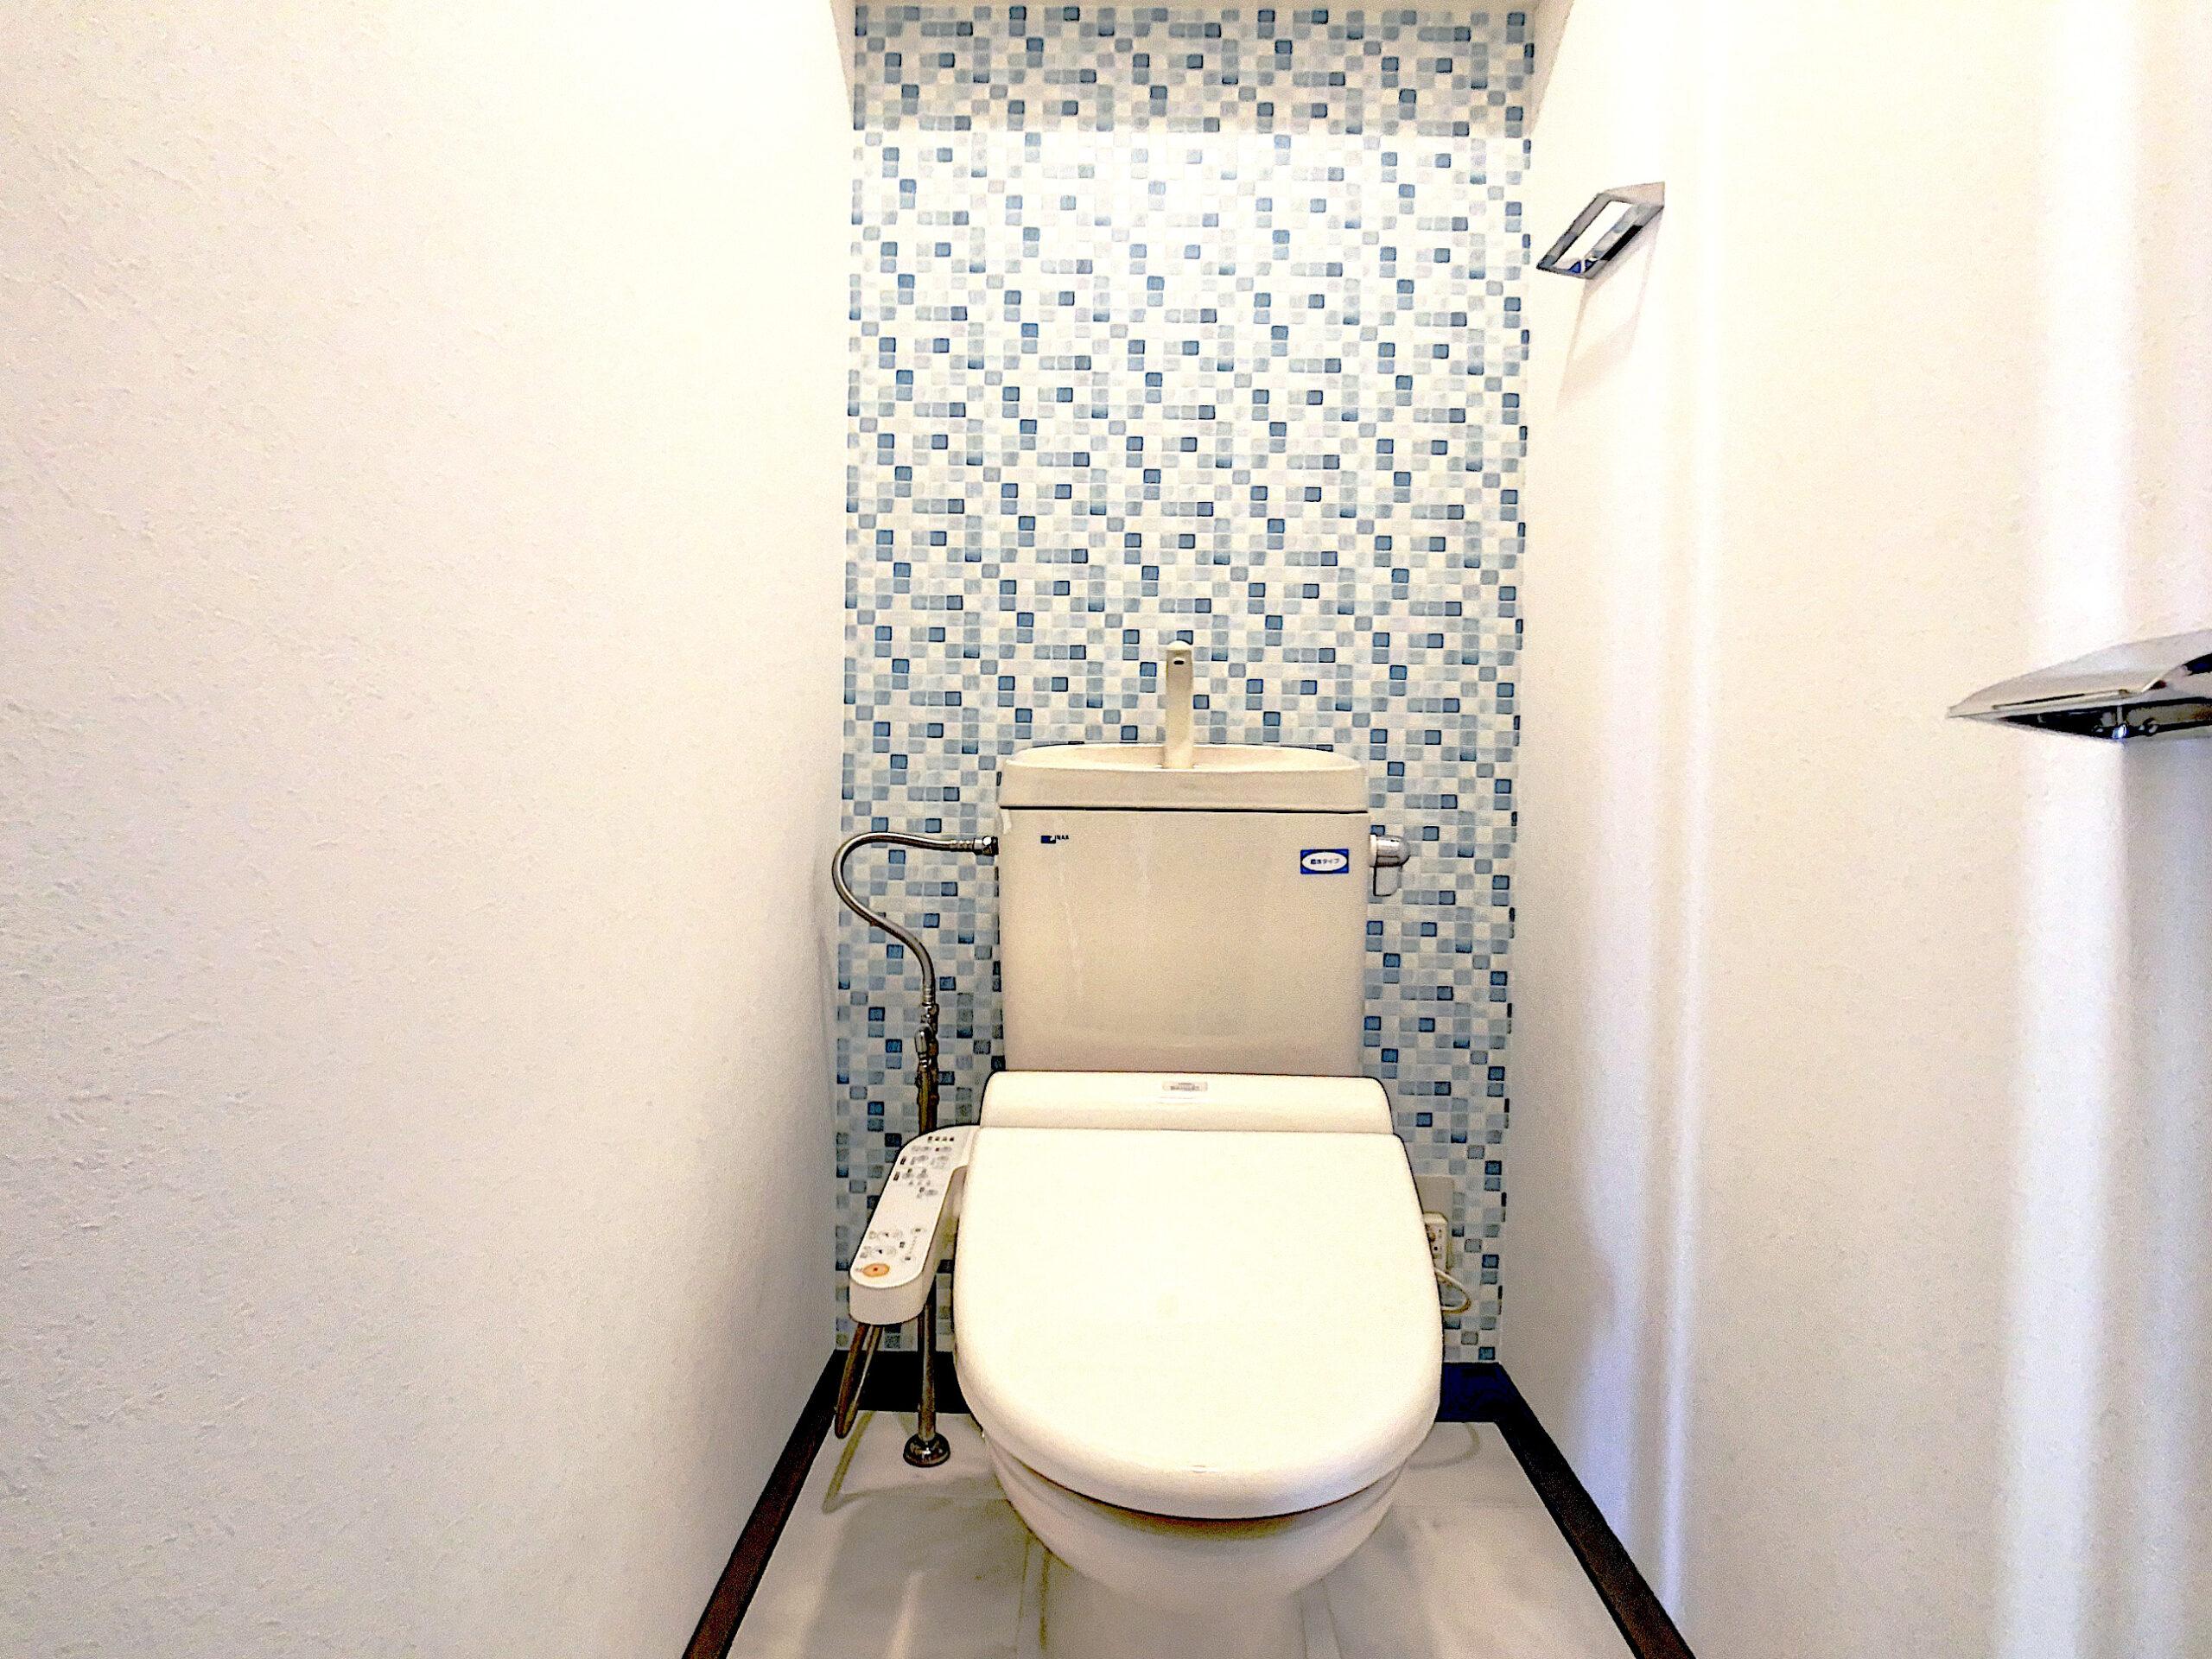 ブルー系のタイル柄が爽やかなトイレ